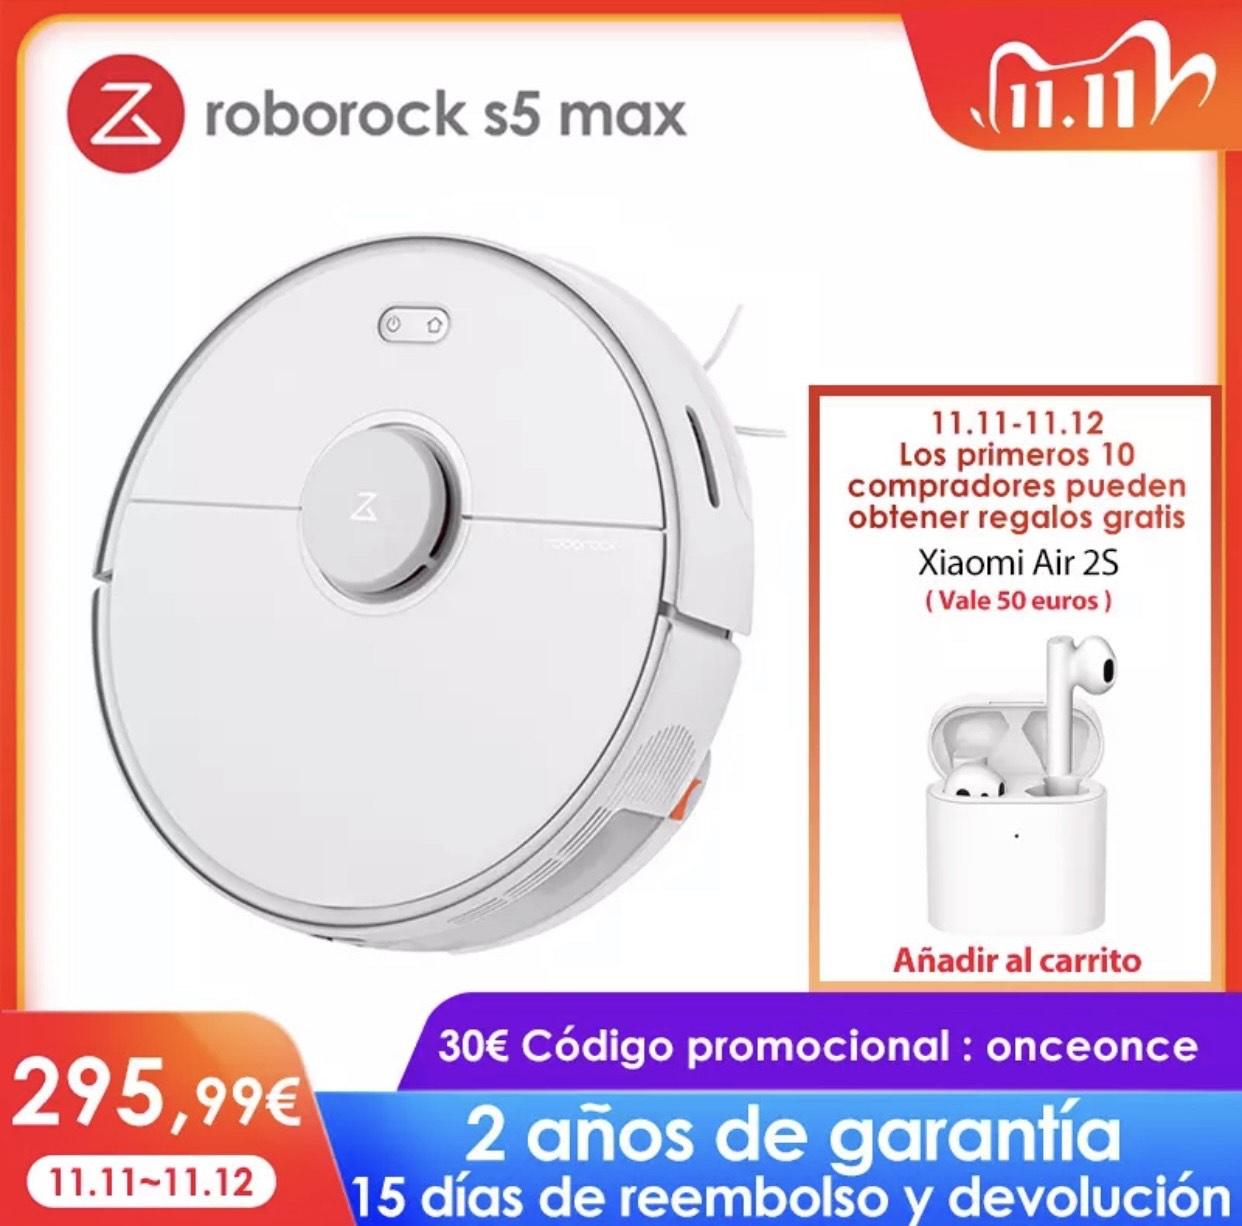 Roborock S5 Max (Verzending vanuit Spanje) @Aliexpress 11.11